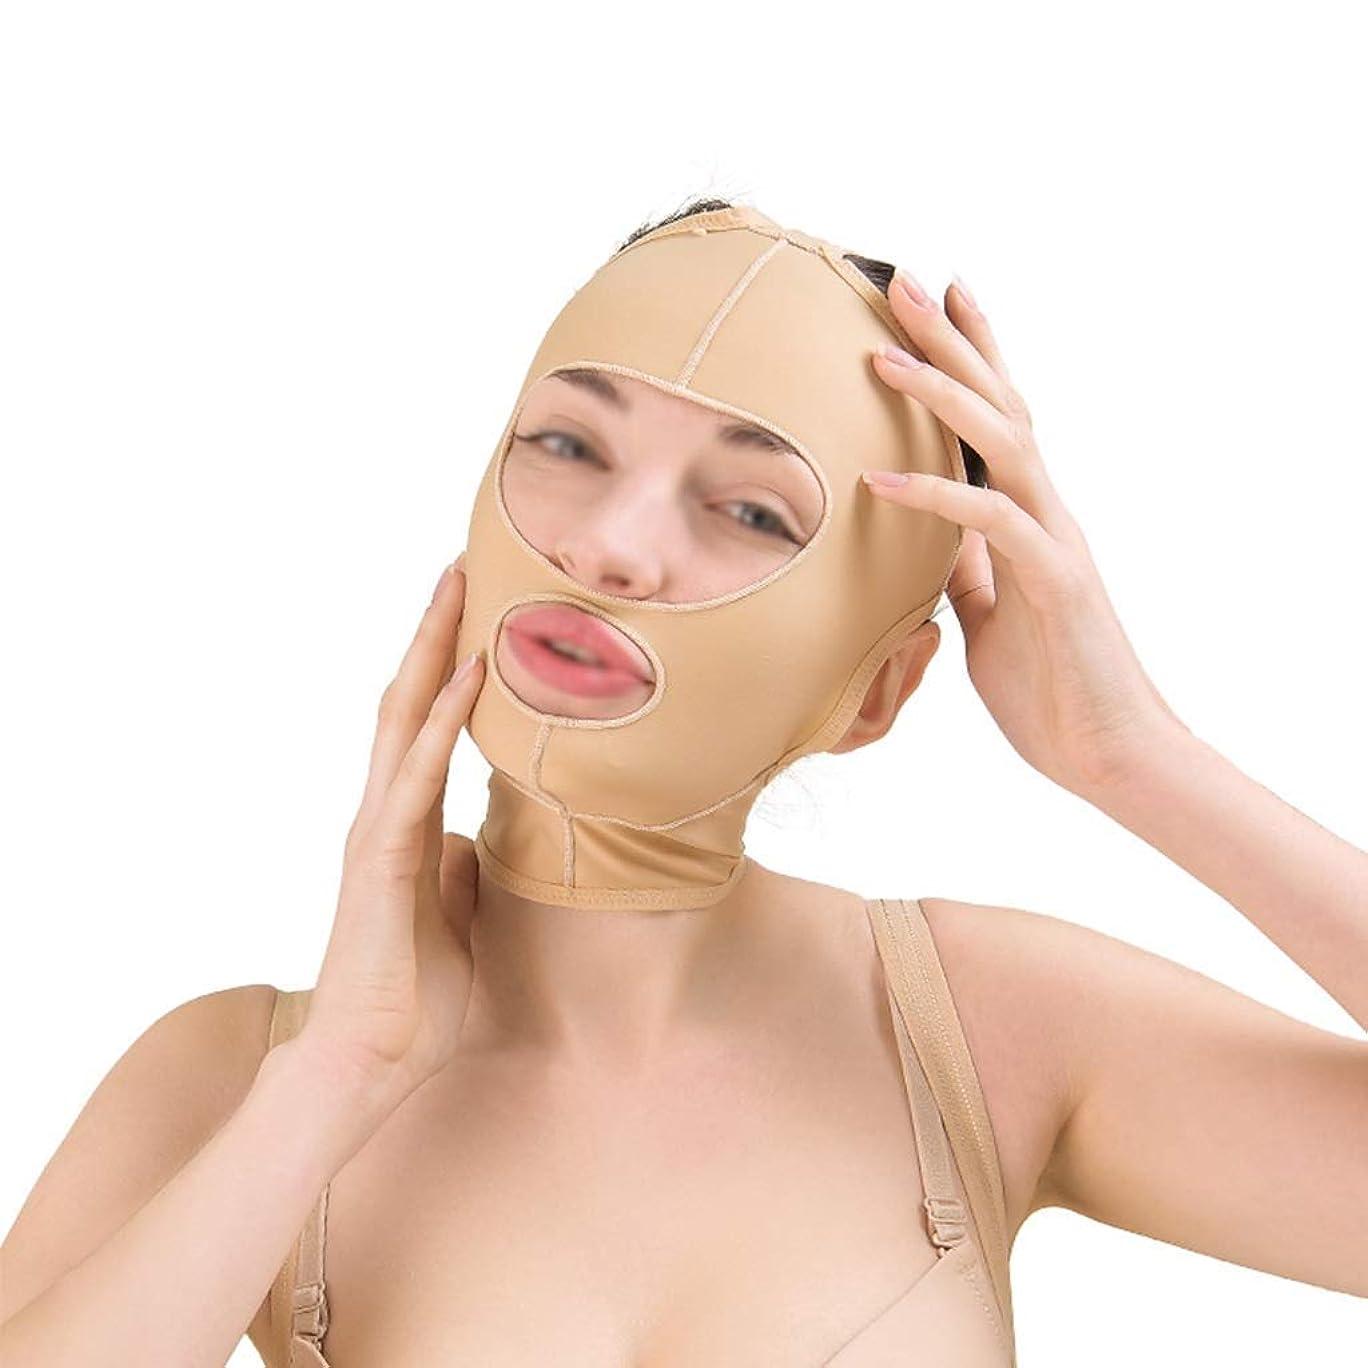 自由染料まとめる美容フェイスリフト減量ベルト、ほおスリムフィット、通気性フェイスリフト、引き締め、リフティング包帯、フェイシャルスキン包帯(サイズ:M),M